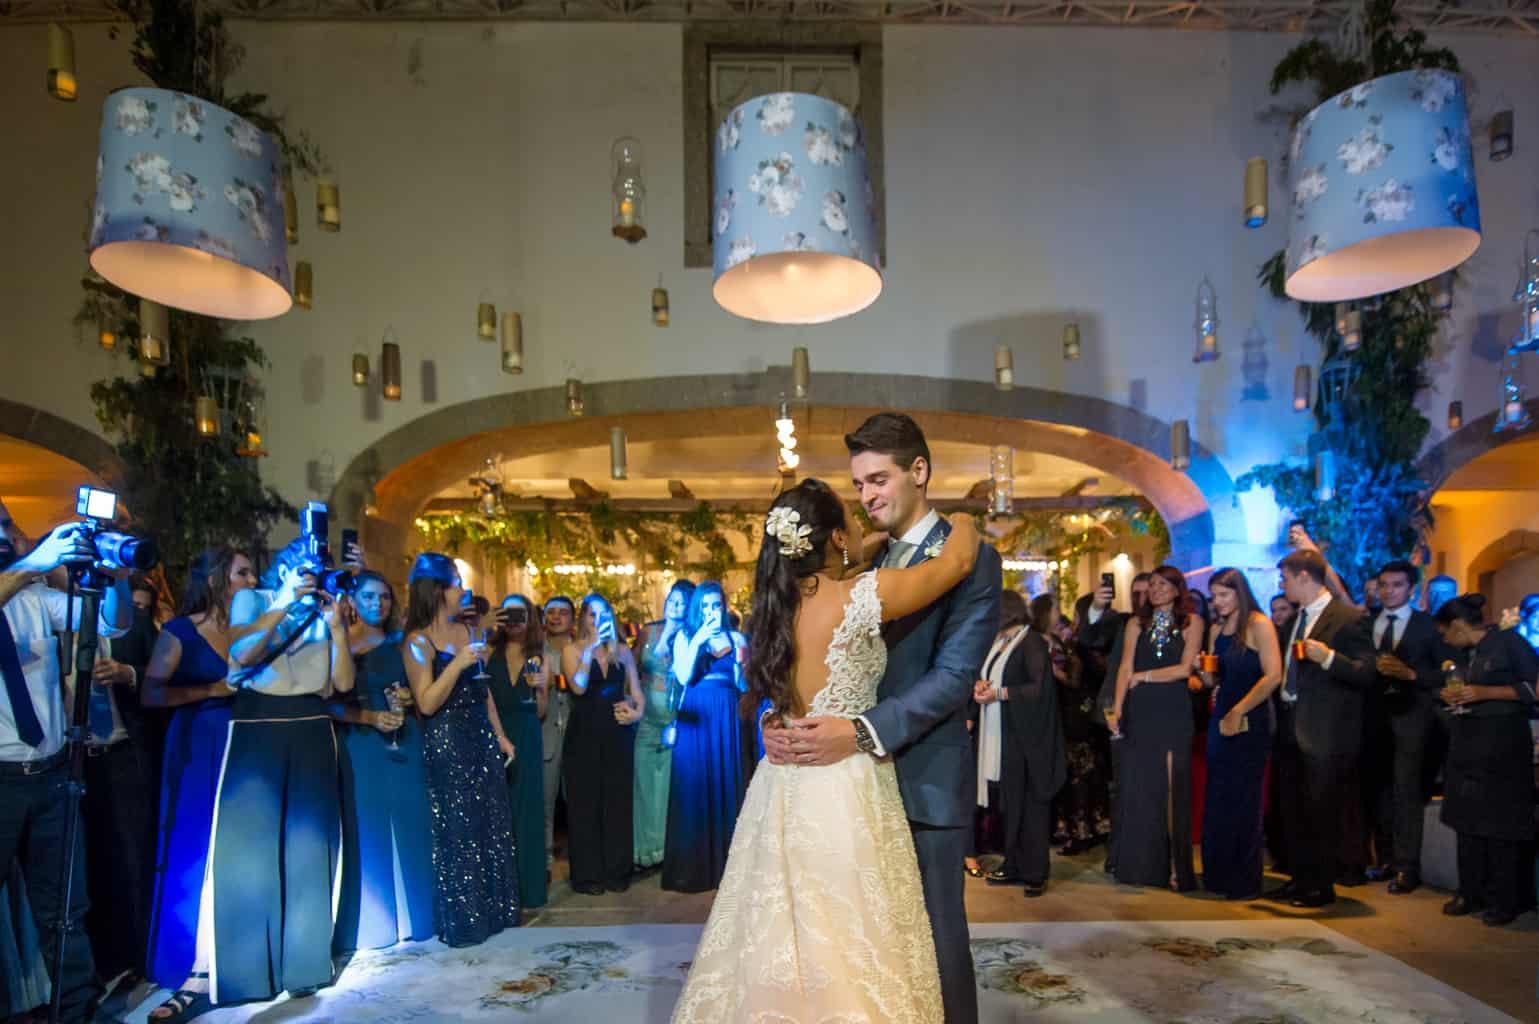 casamenot-Carolina-e-Thiago-casamento-clássico-Rio-de-Janeiro-Fotografia-Marina-Fava28